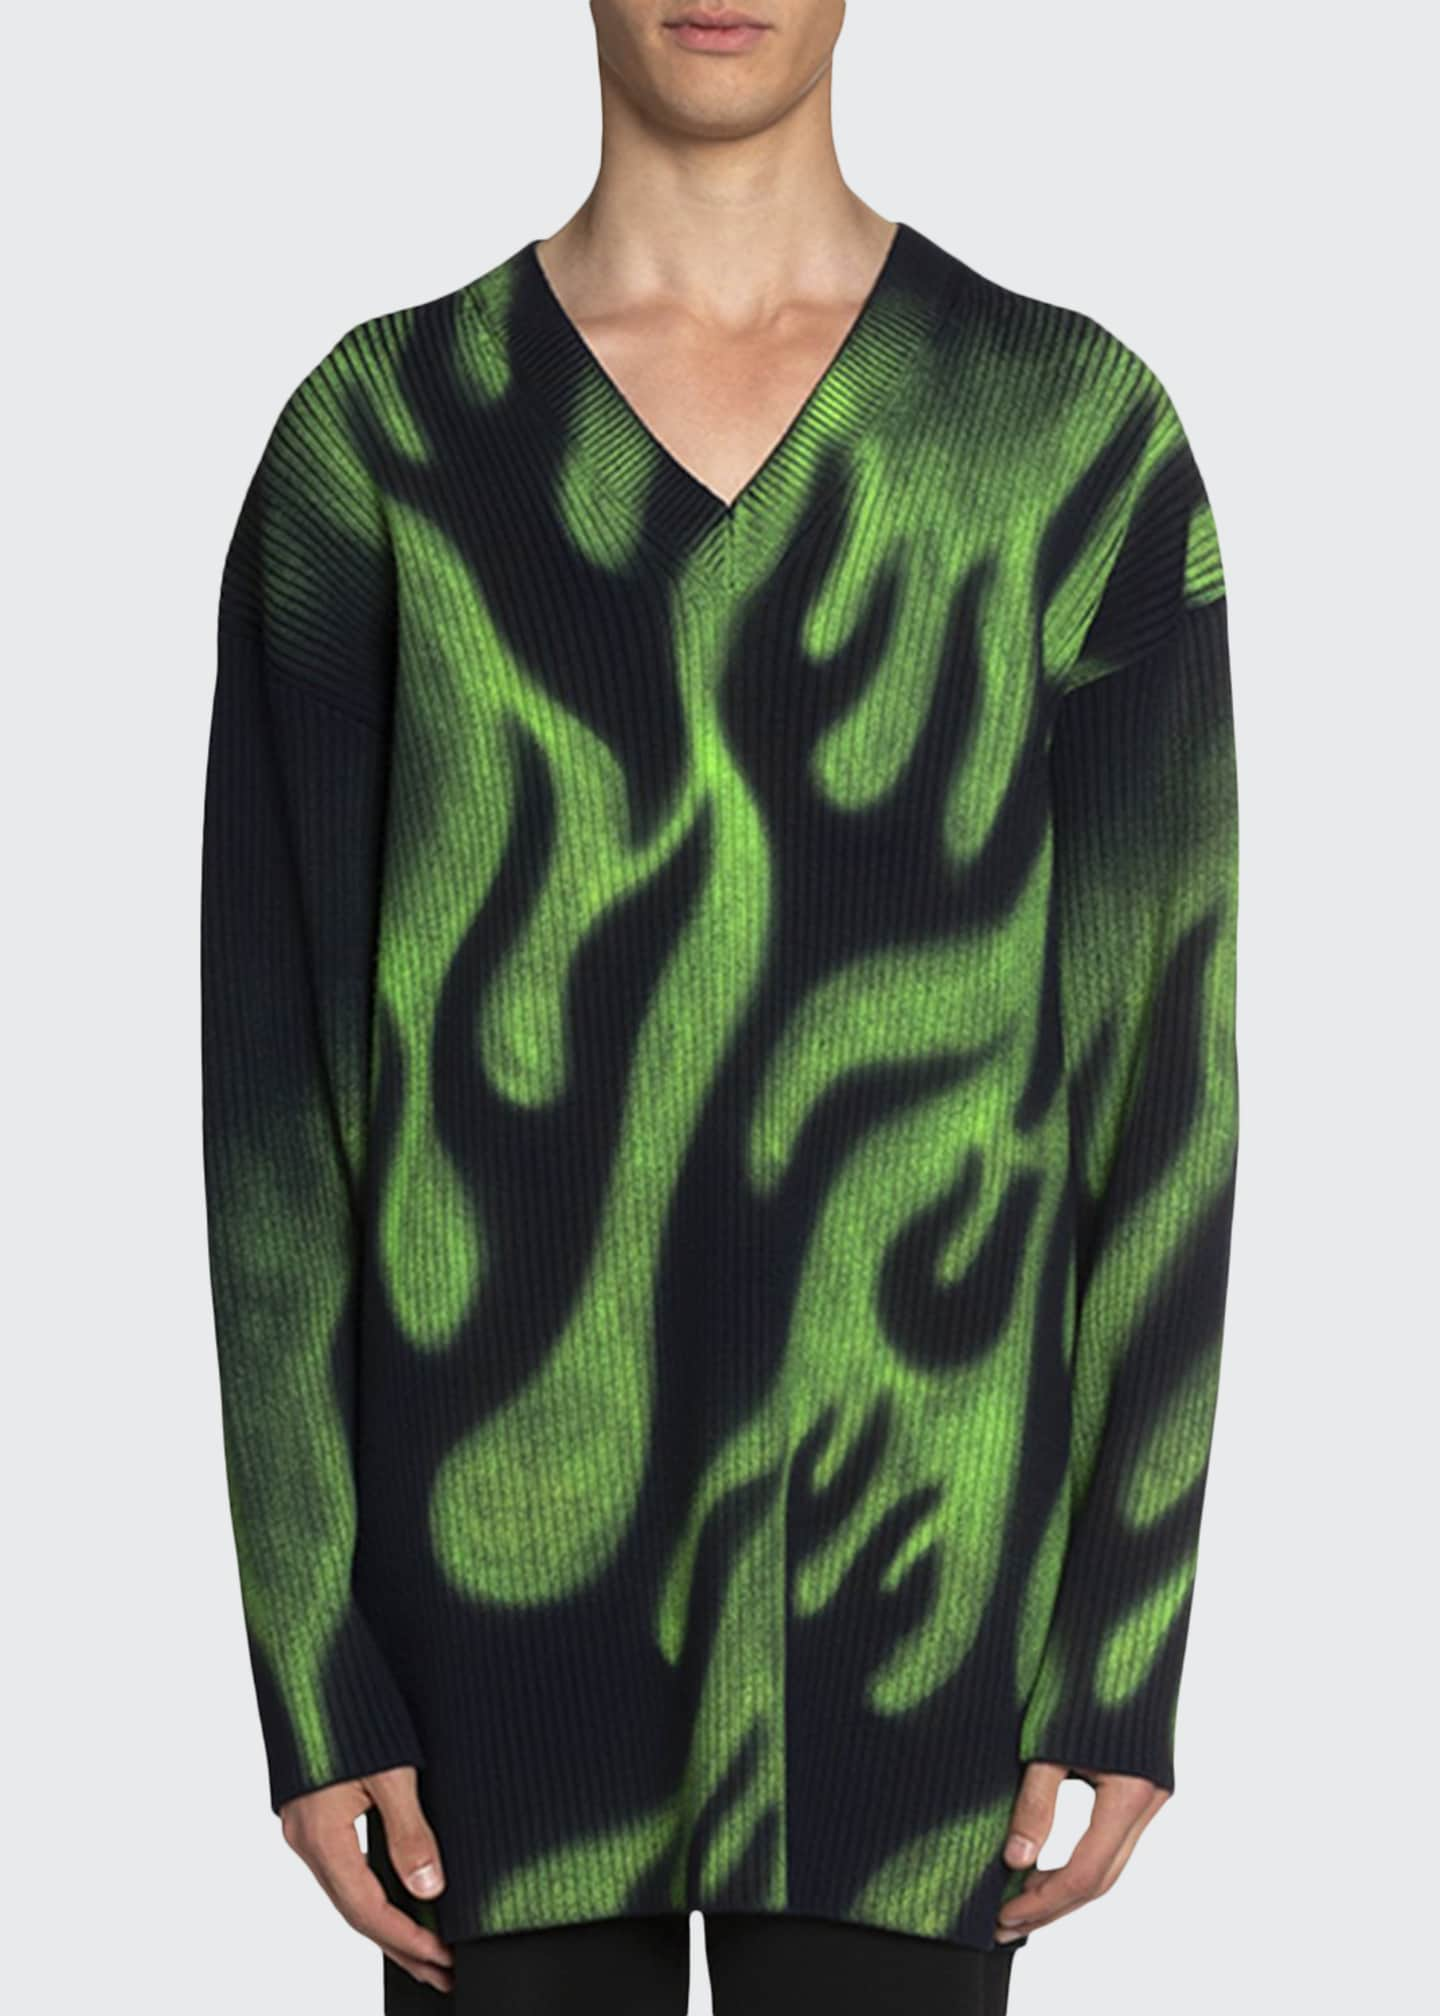 Balenciaga Men's Oversized V-Neck Neon-Flame Sweater